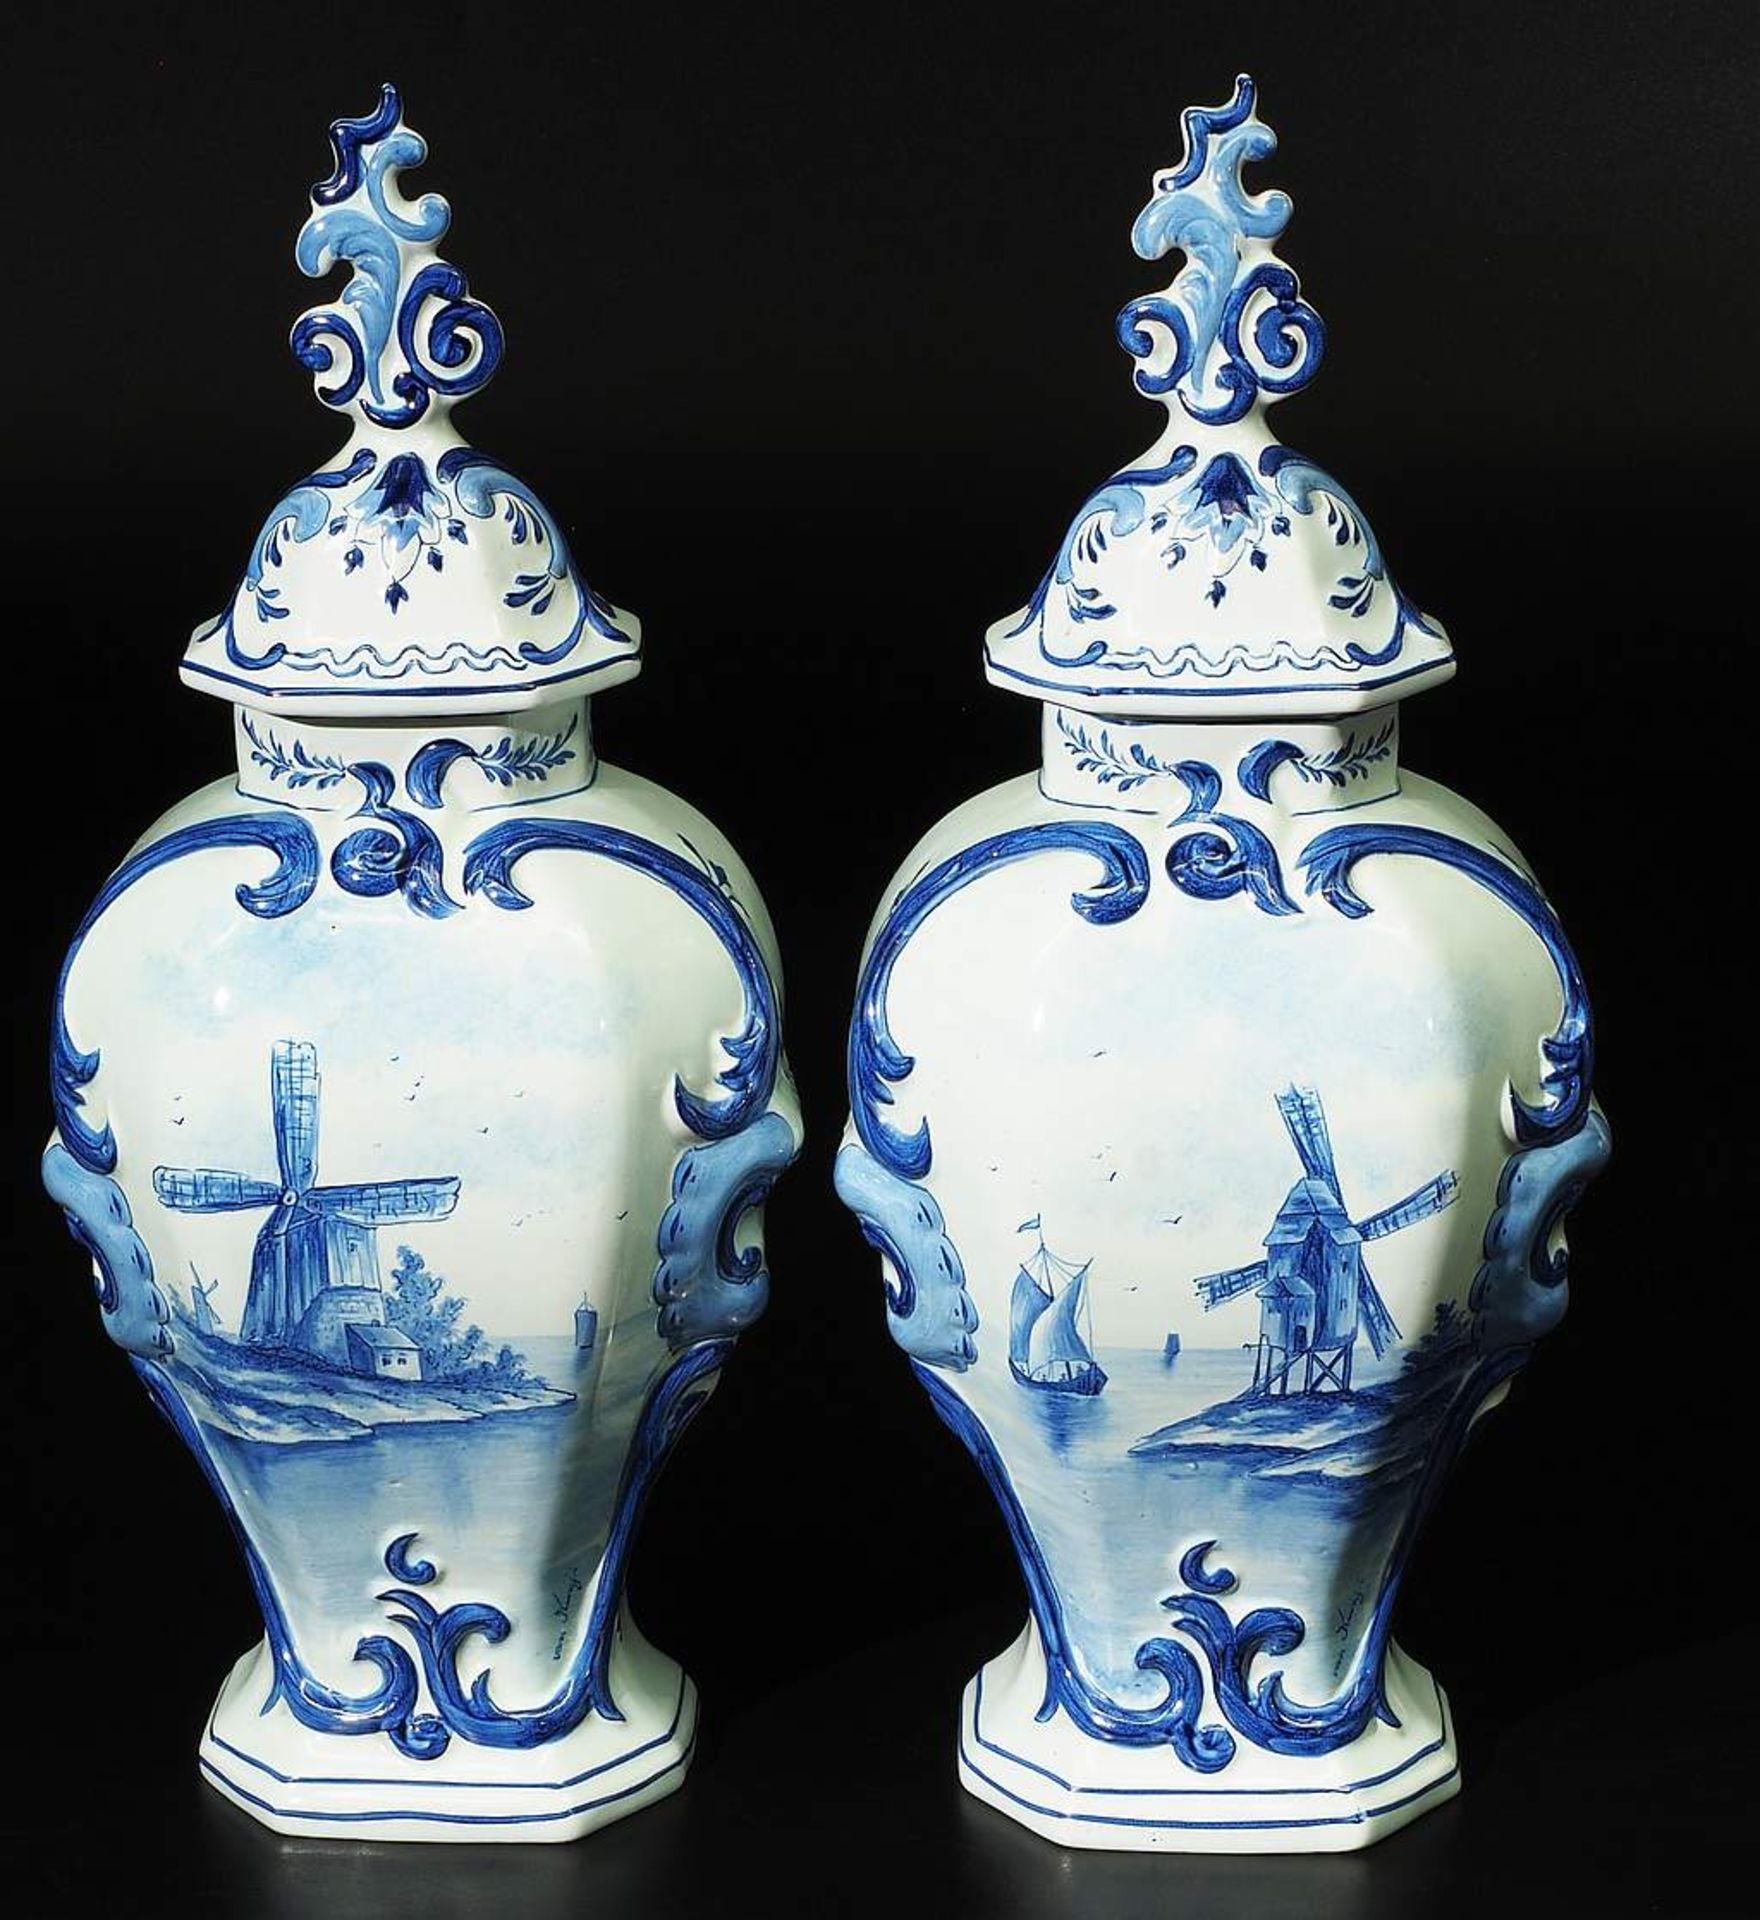 Paar Deckelvasen, Fayence, Blaumalerei. - Image 2 of 7